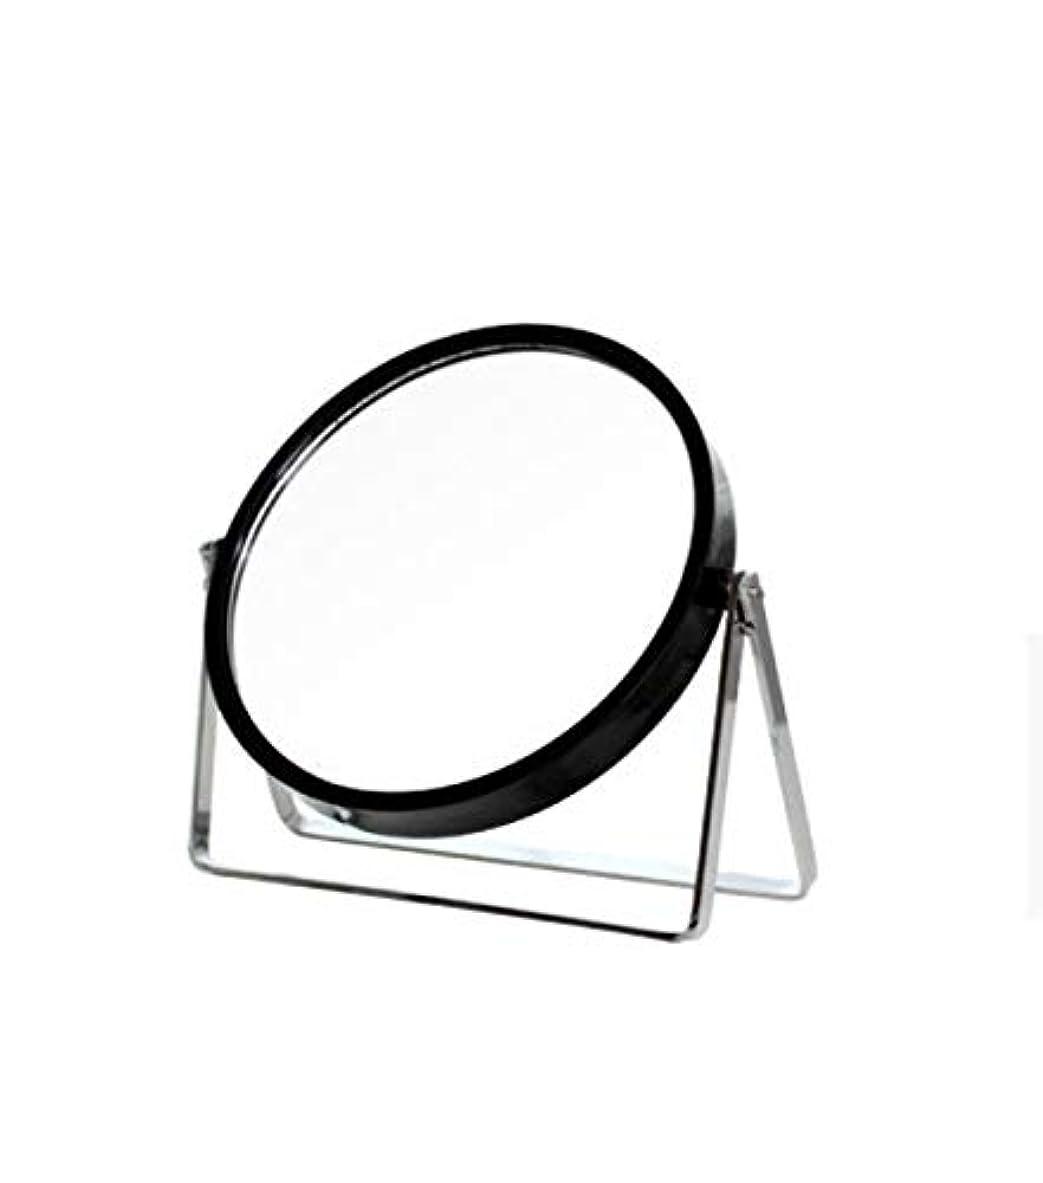 衝突じゃない壁化粧鏡、シンプルなラウンドホーム寮デスクトップ化粧鏡化粧ギフト (Color : ブラック)